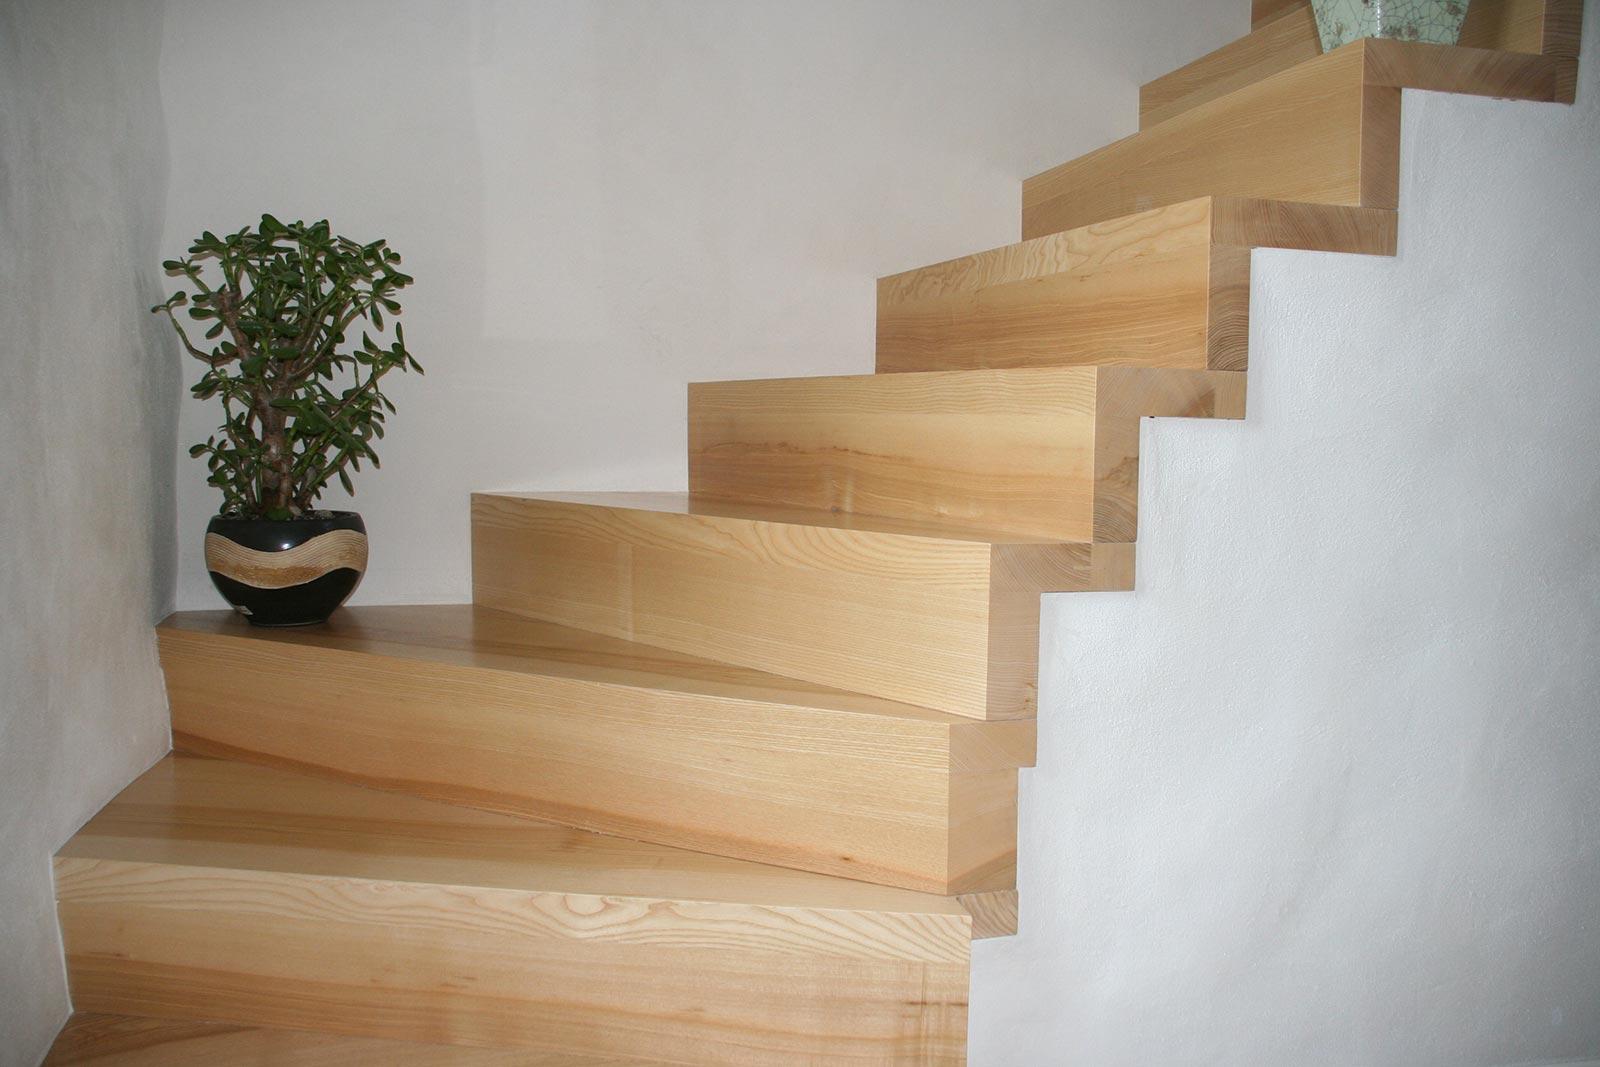 habillage bois 6 ambiance escalier. Black Bedroom Furniture Sets. Home Design Ideas